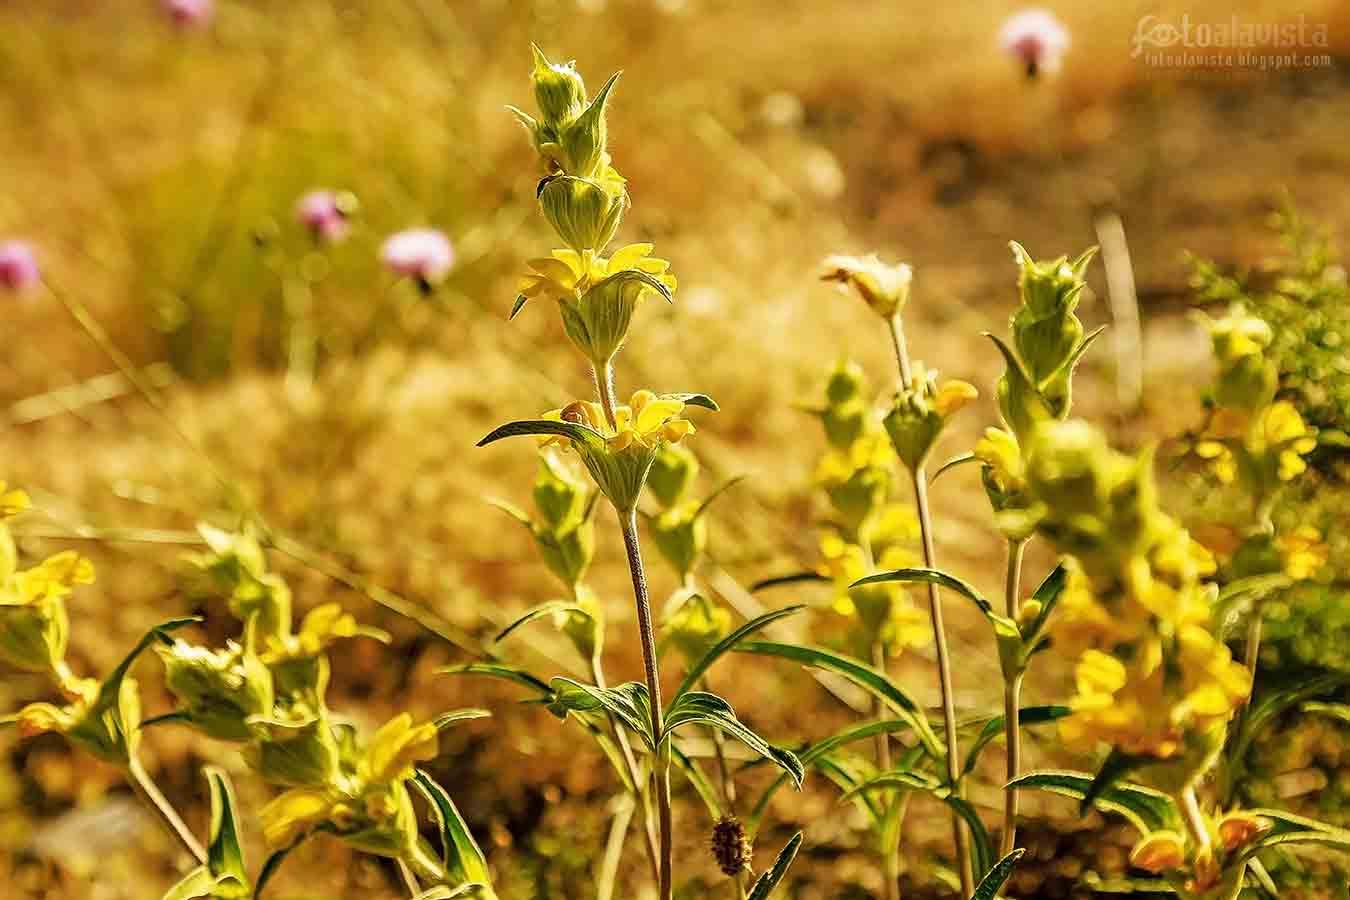 Flores en dorado - Fotografía